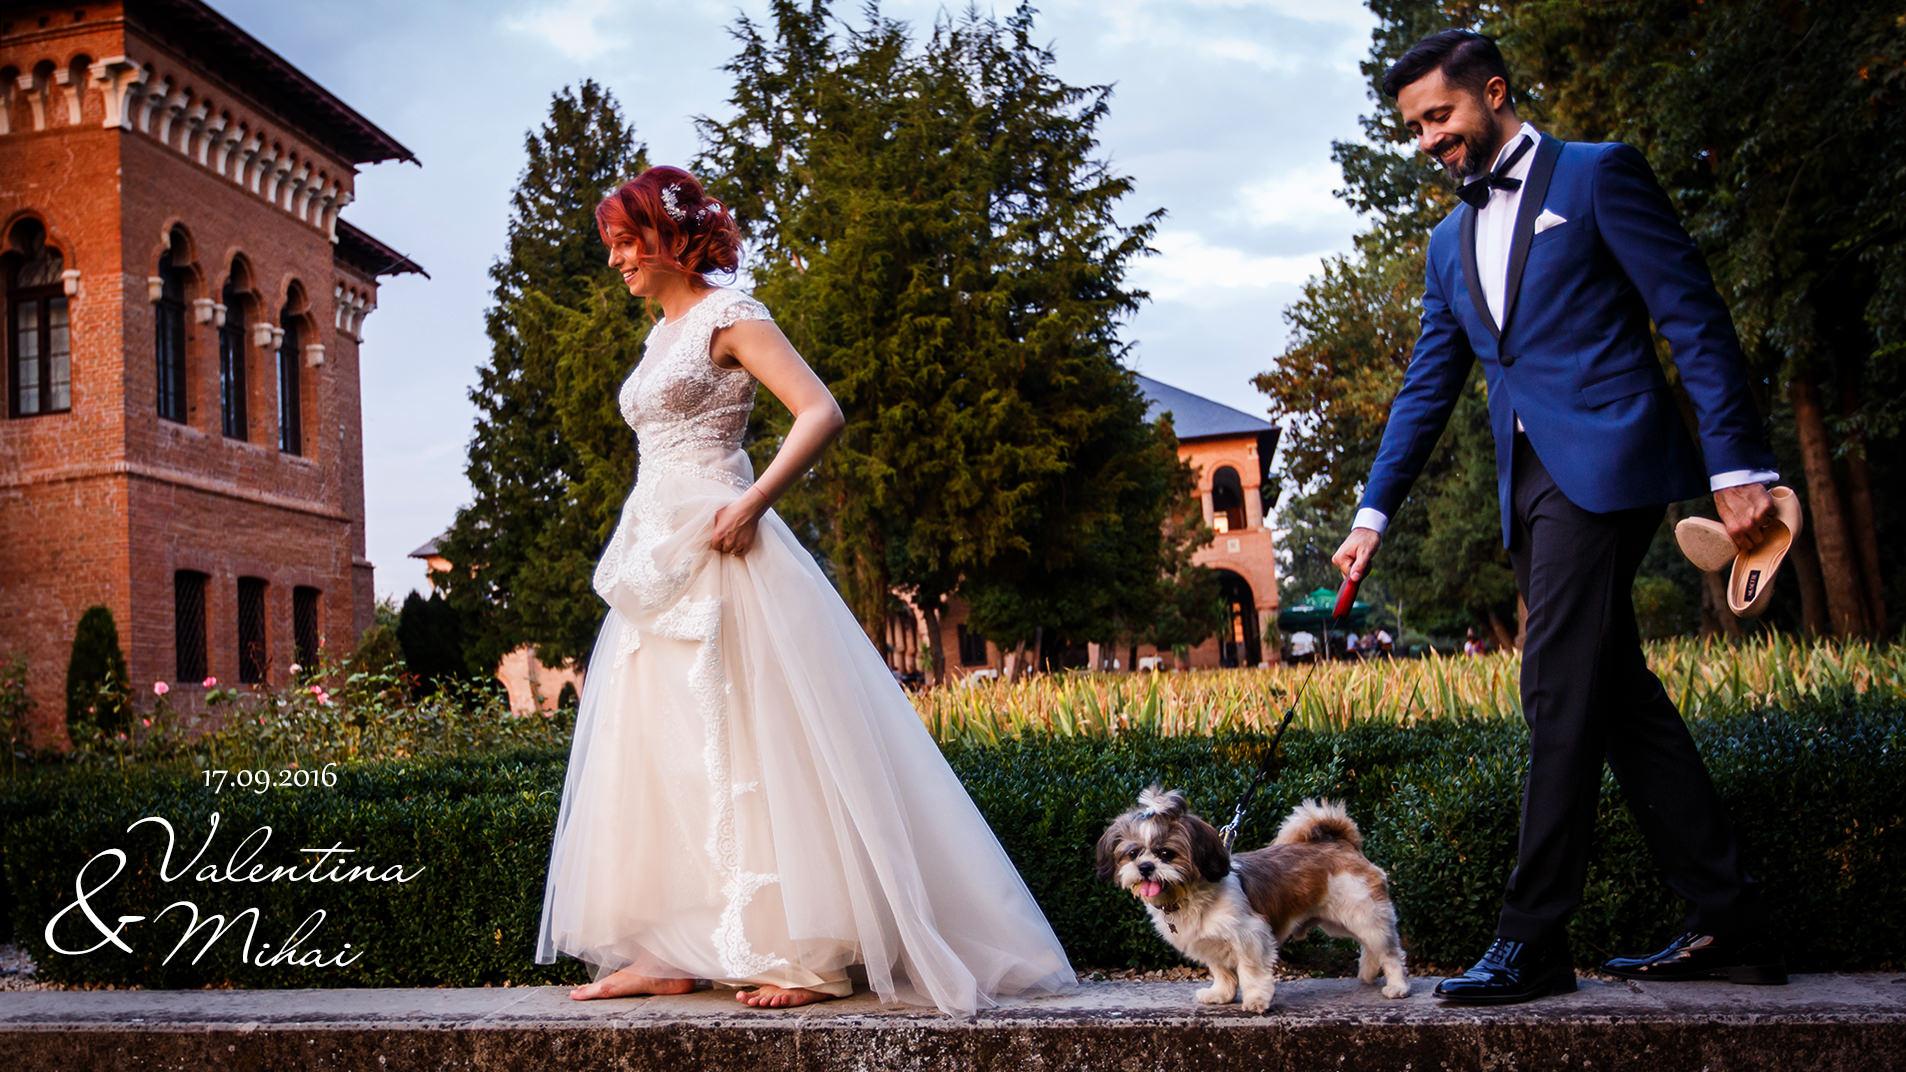 Slideshow De Nuntă – Valentina şi Mihai (nuntă Bucureşti)